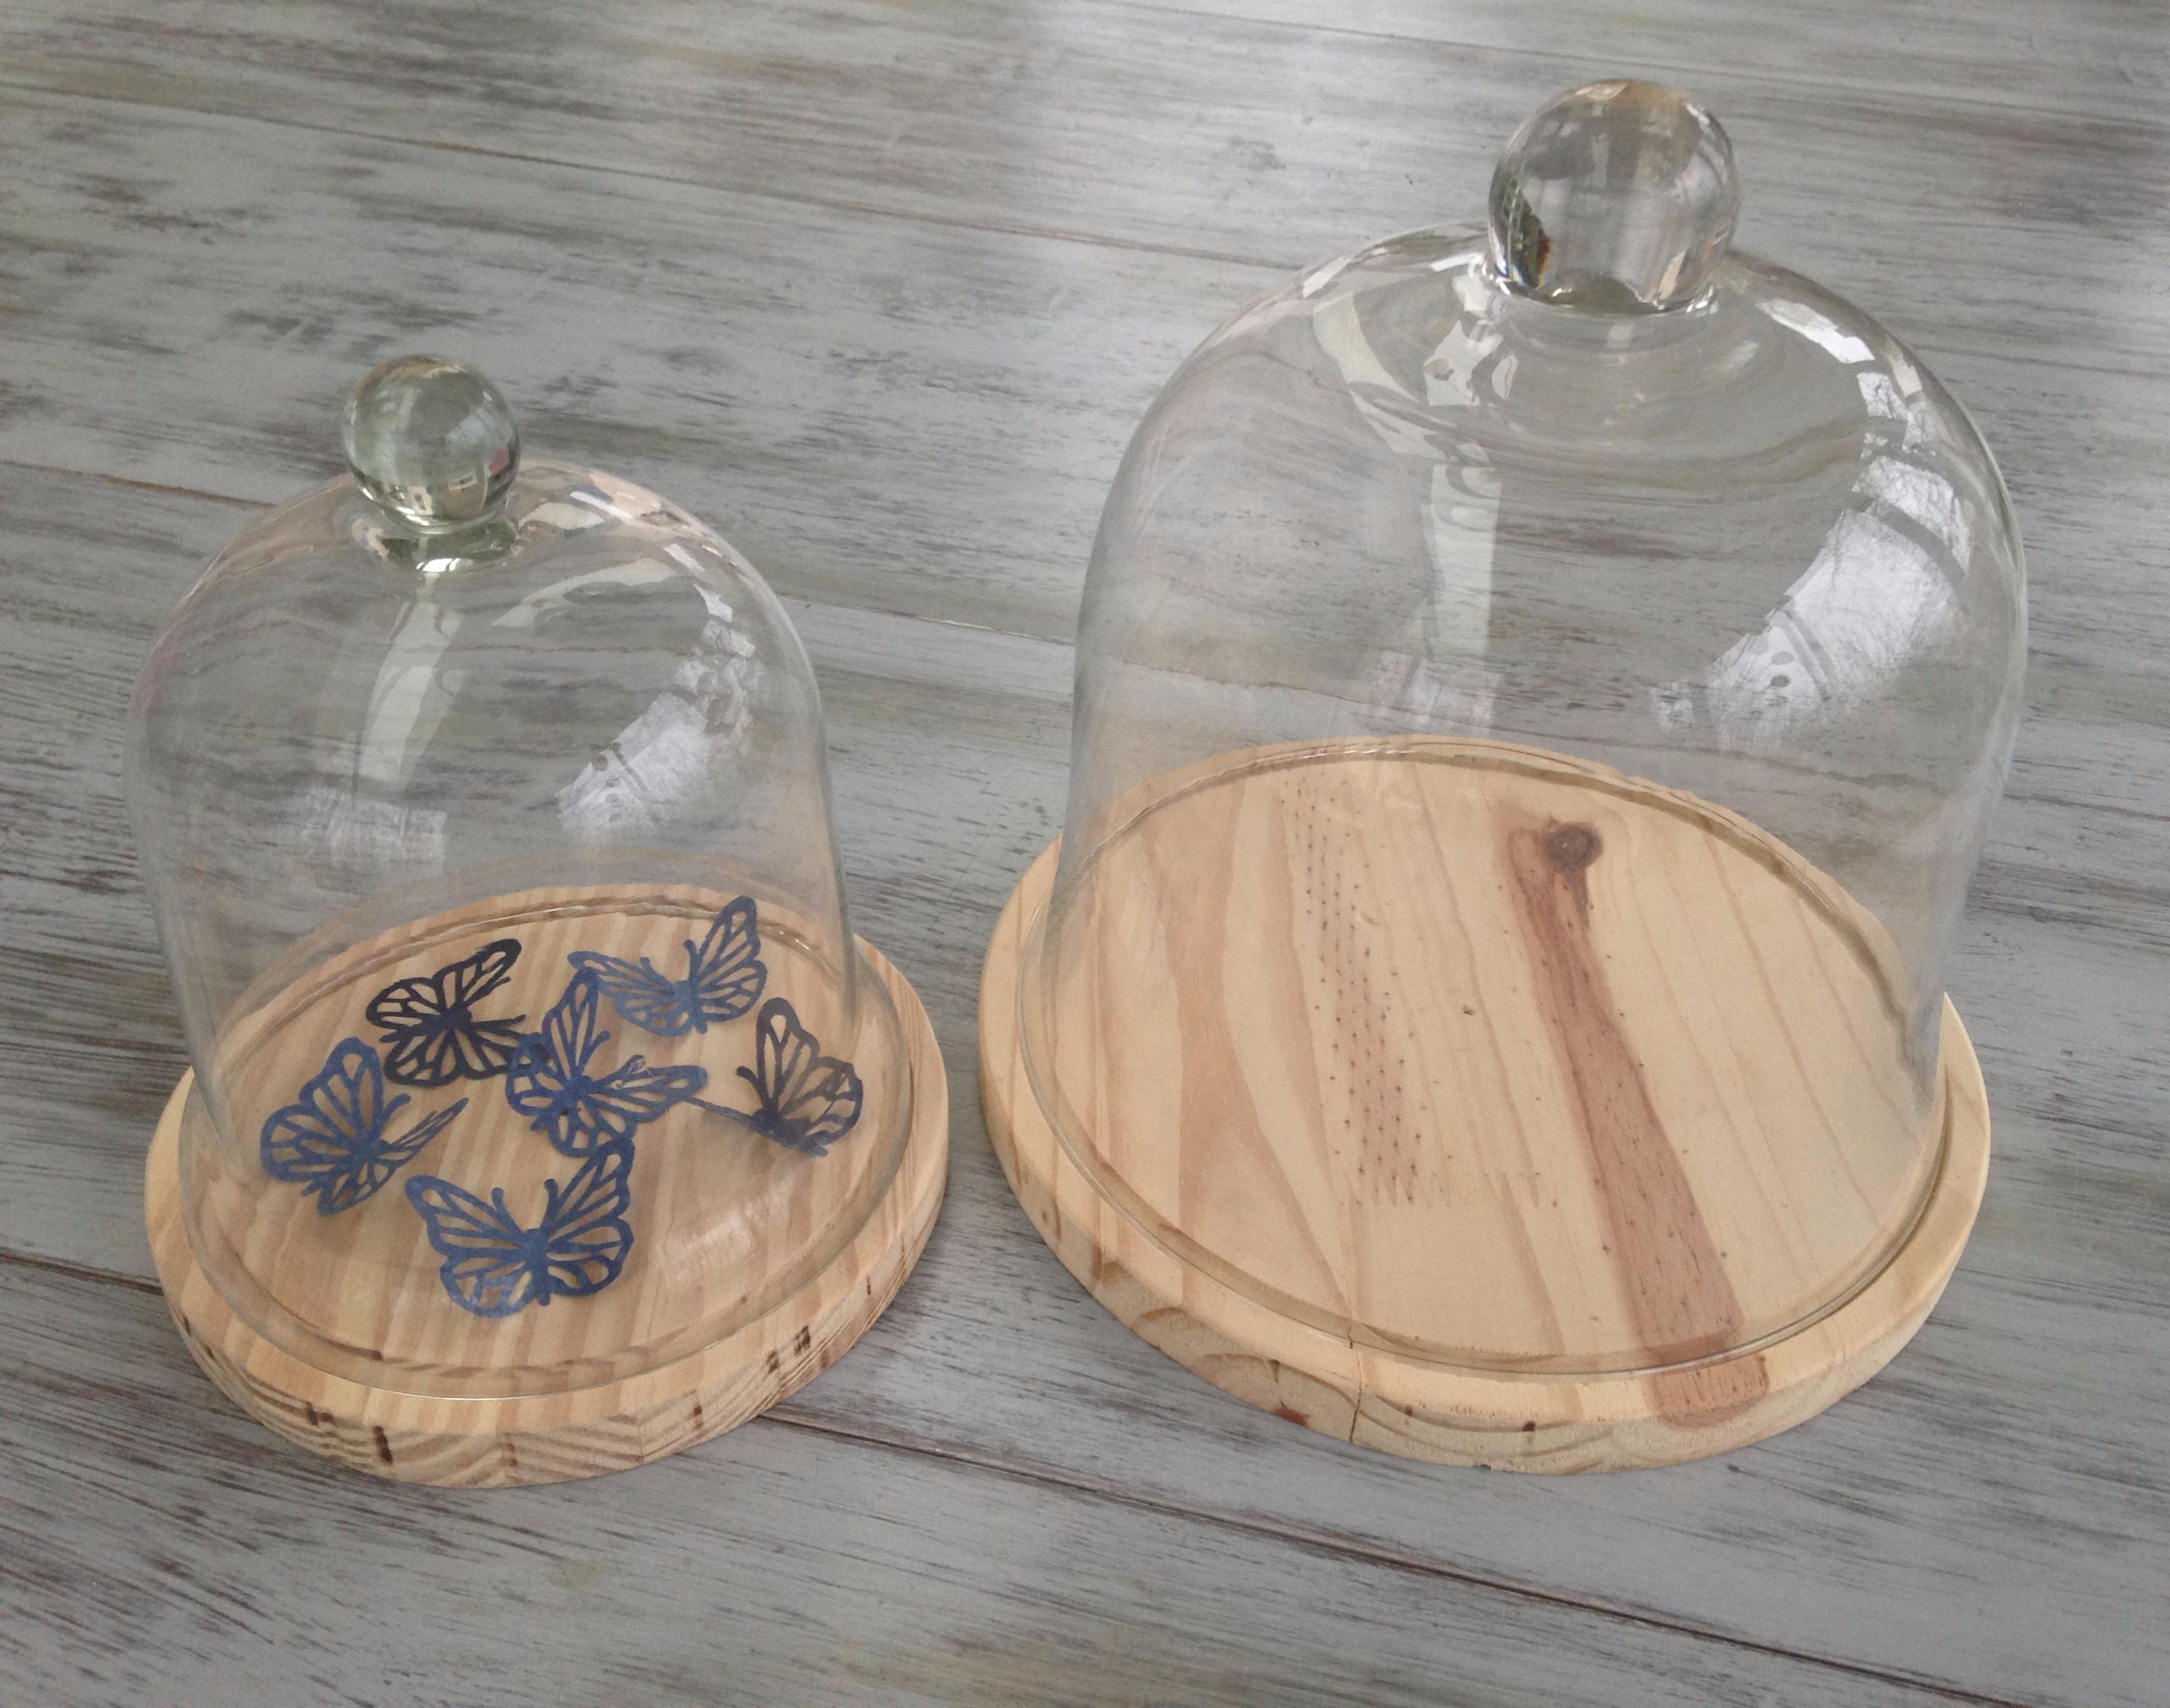 Dessous de cloches en verre réalisés en bois